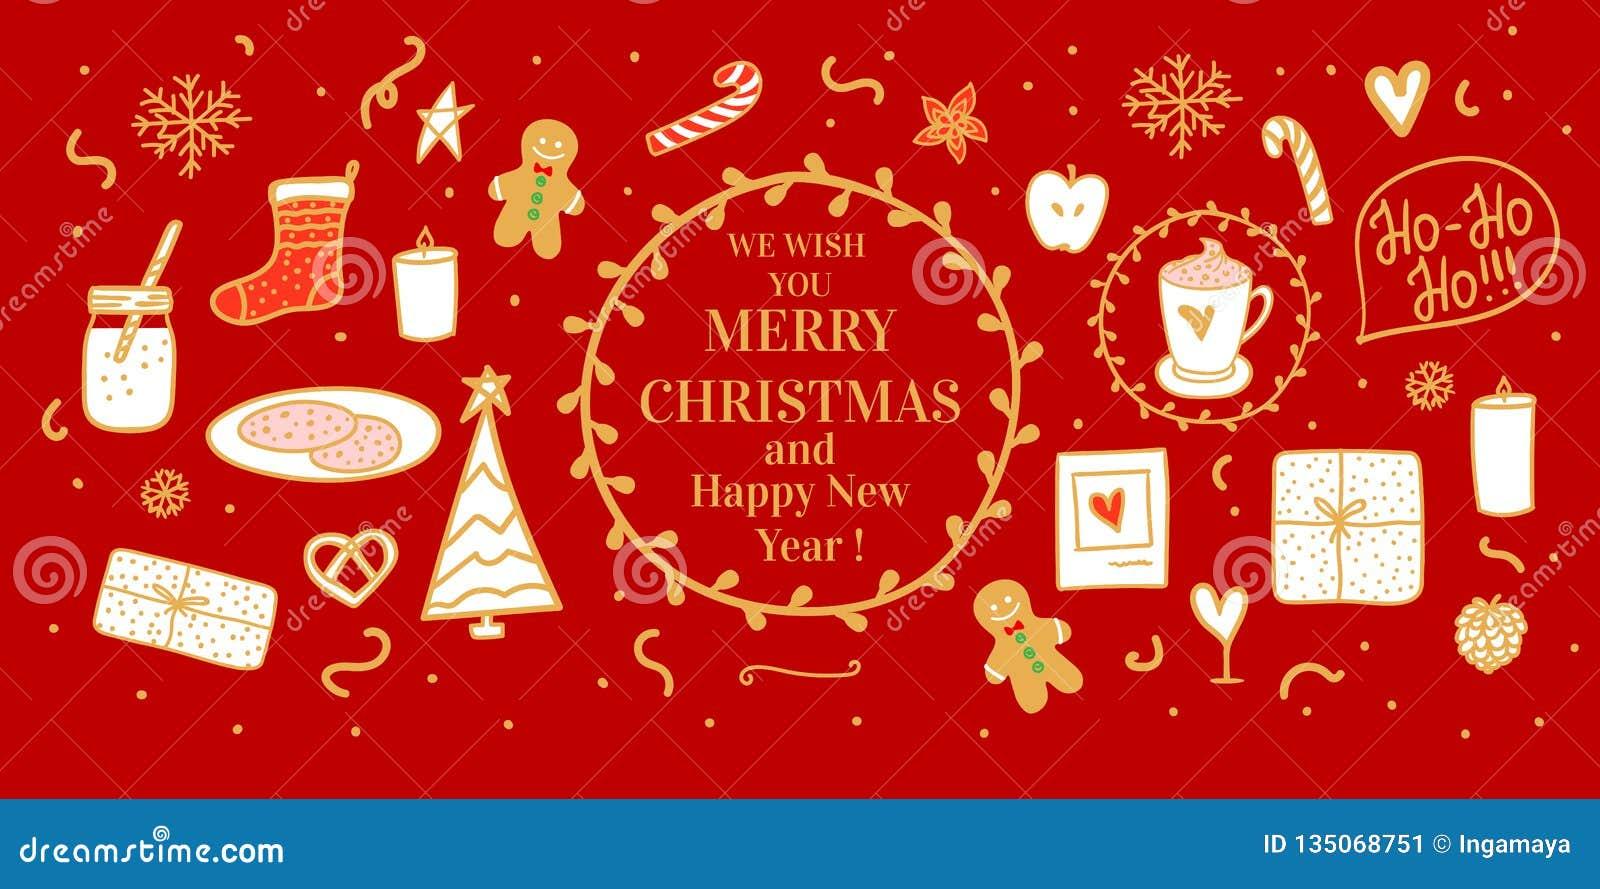 E Cacau e cookies do leite para Santa Humor do Feliz Natal do conceito da ilustração do grupo do vetor